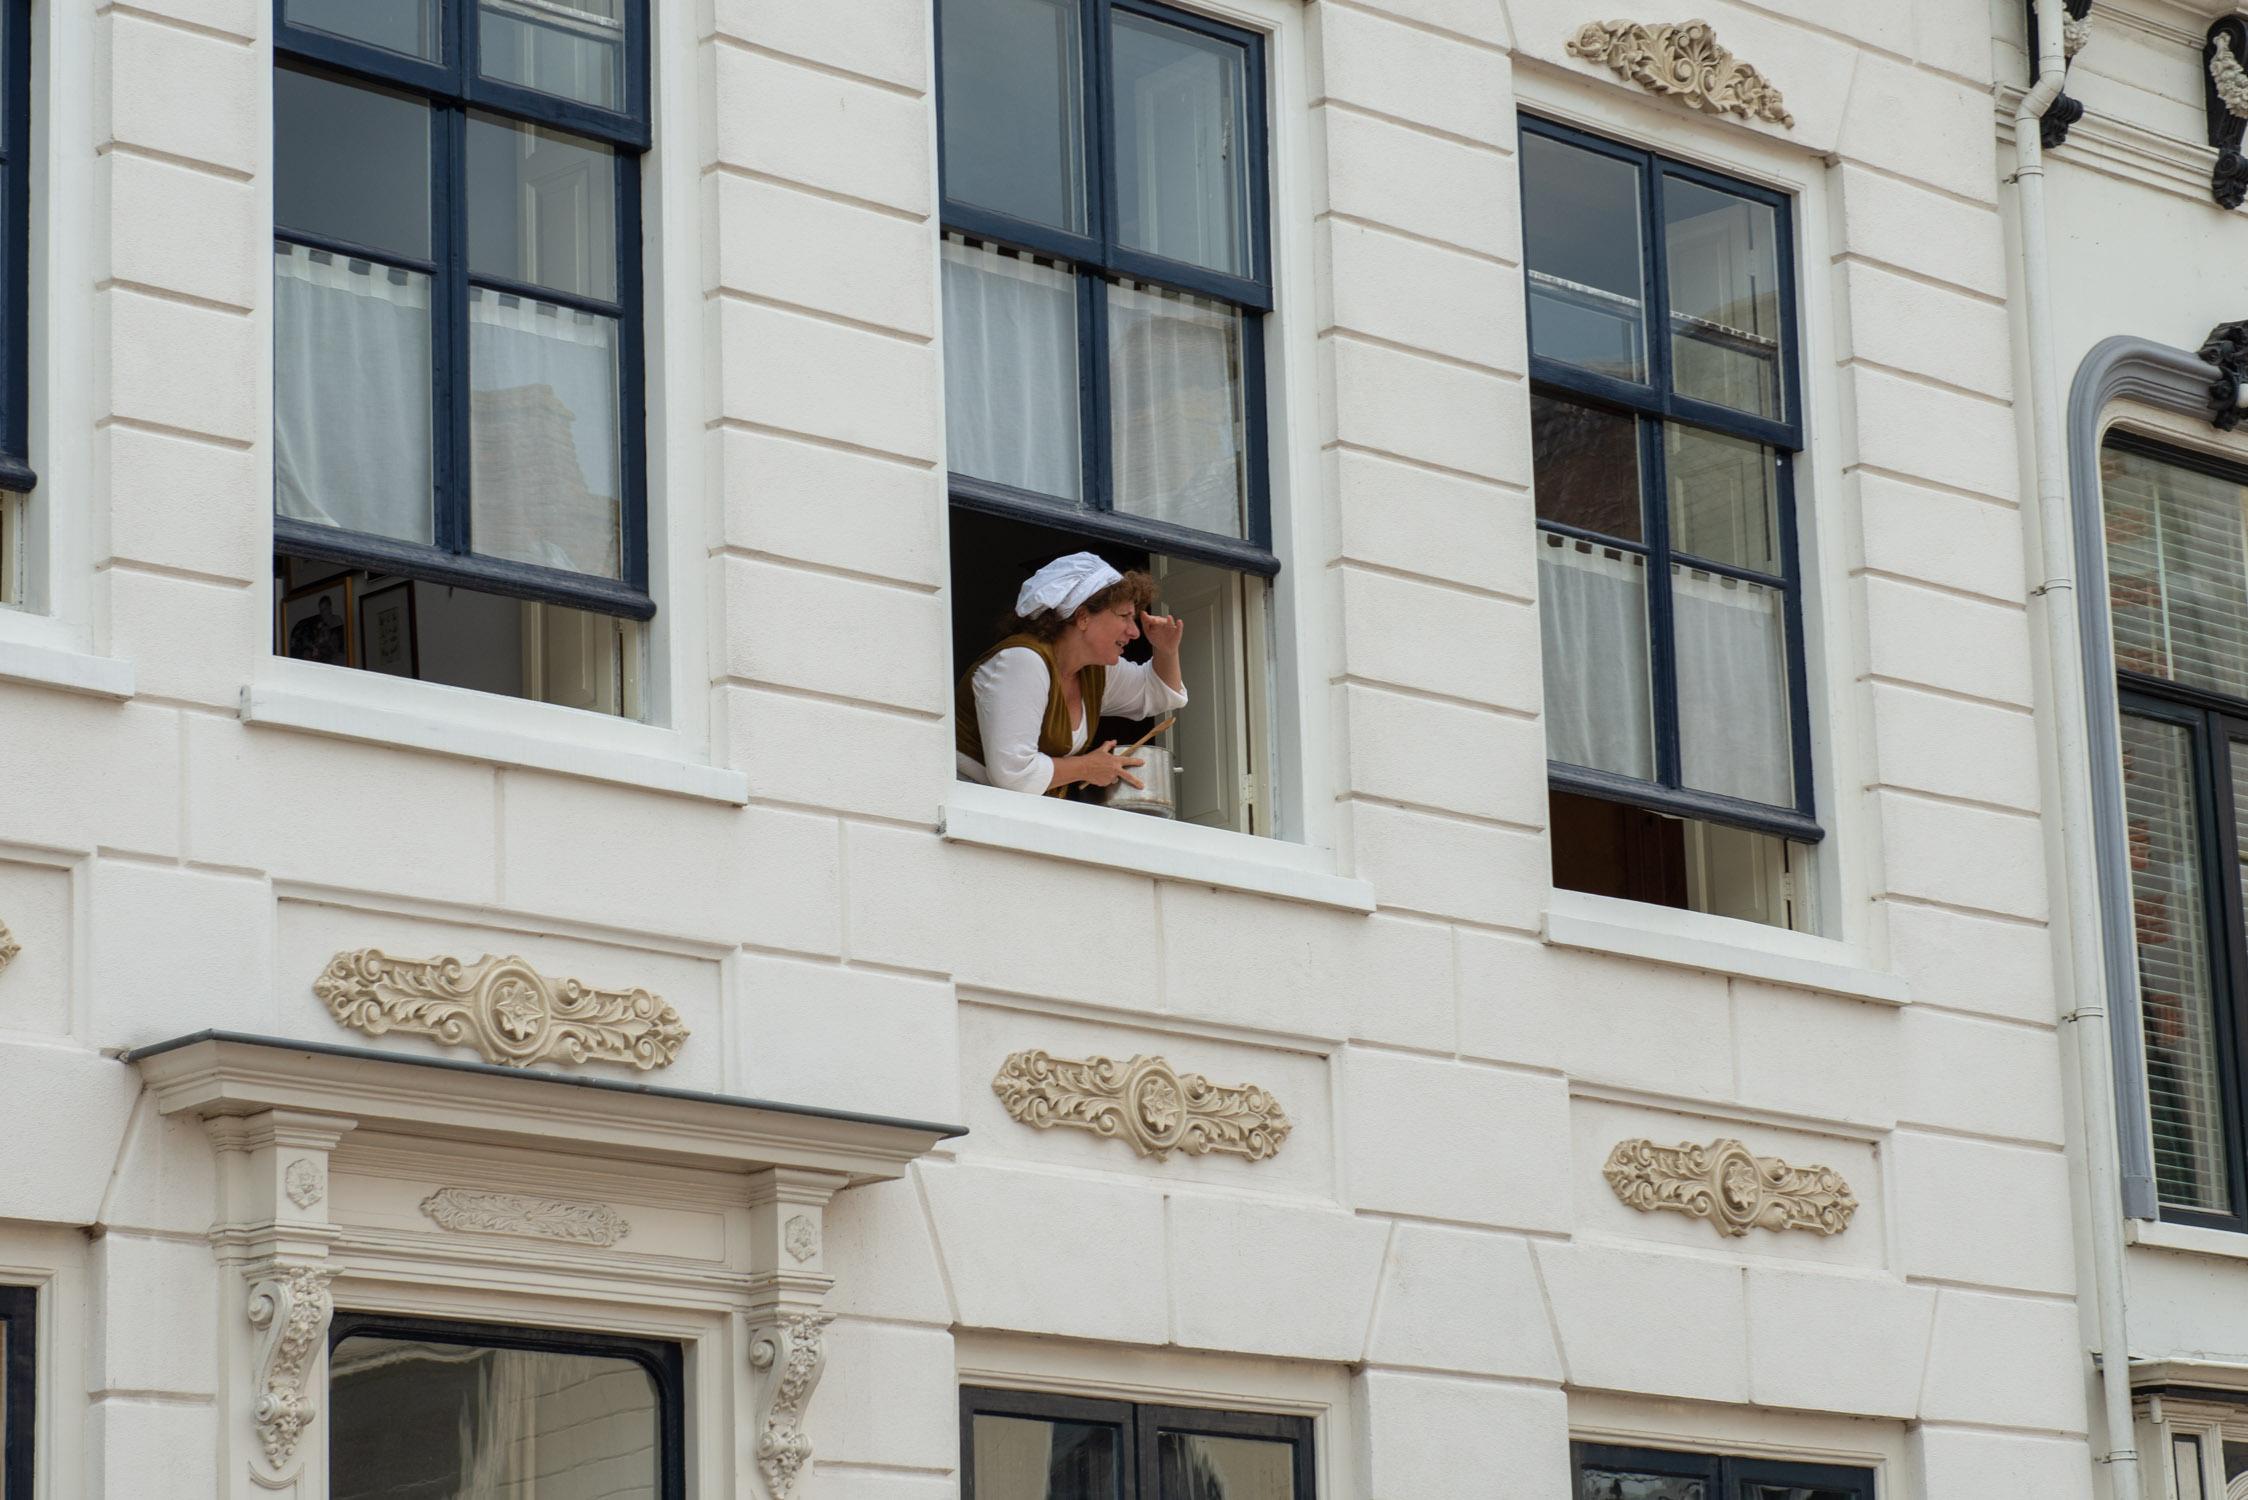 Mensen kijken uit het raam